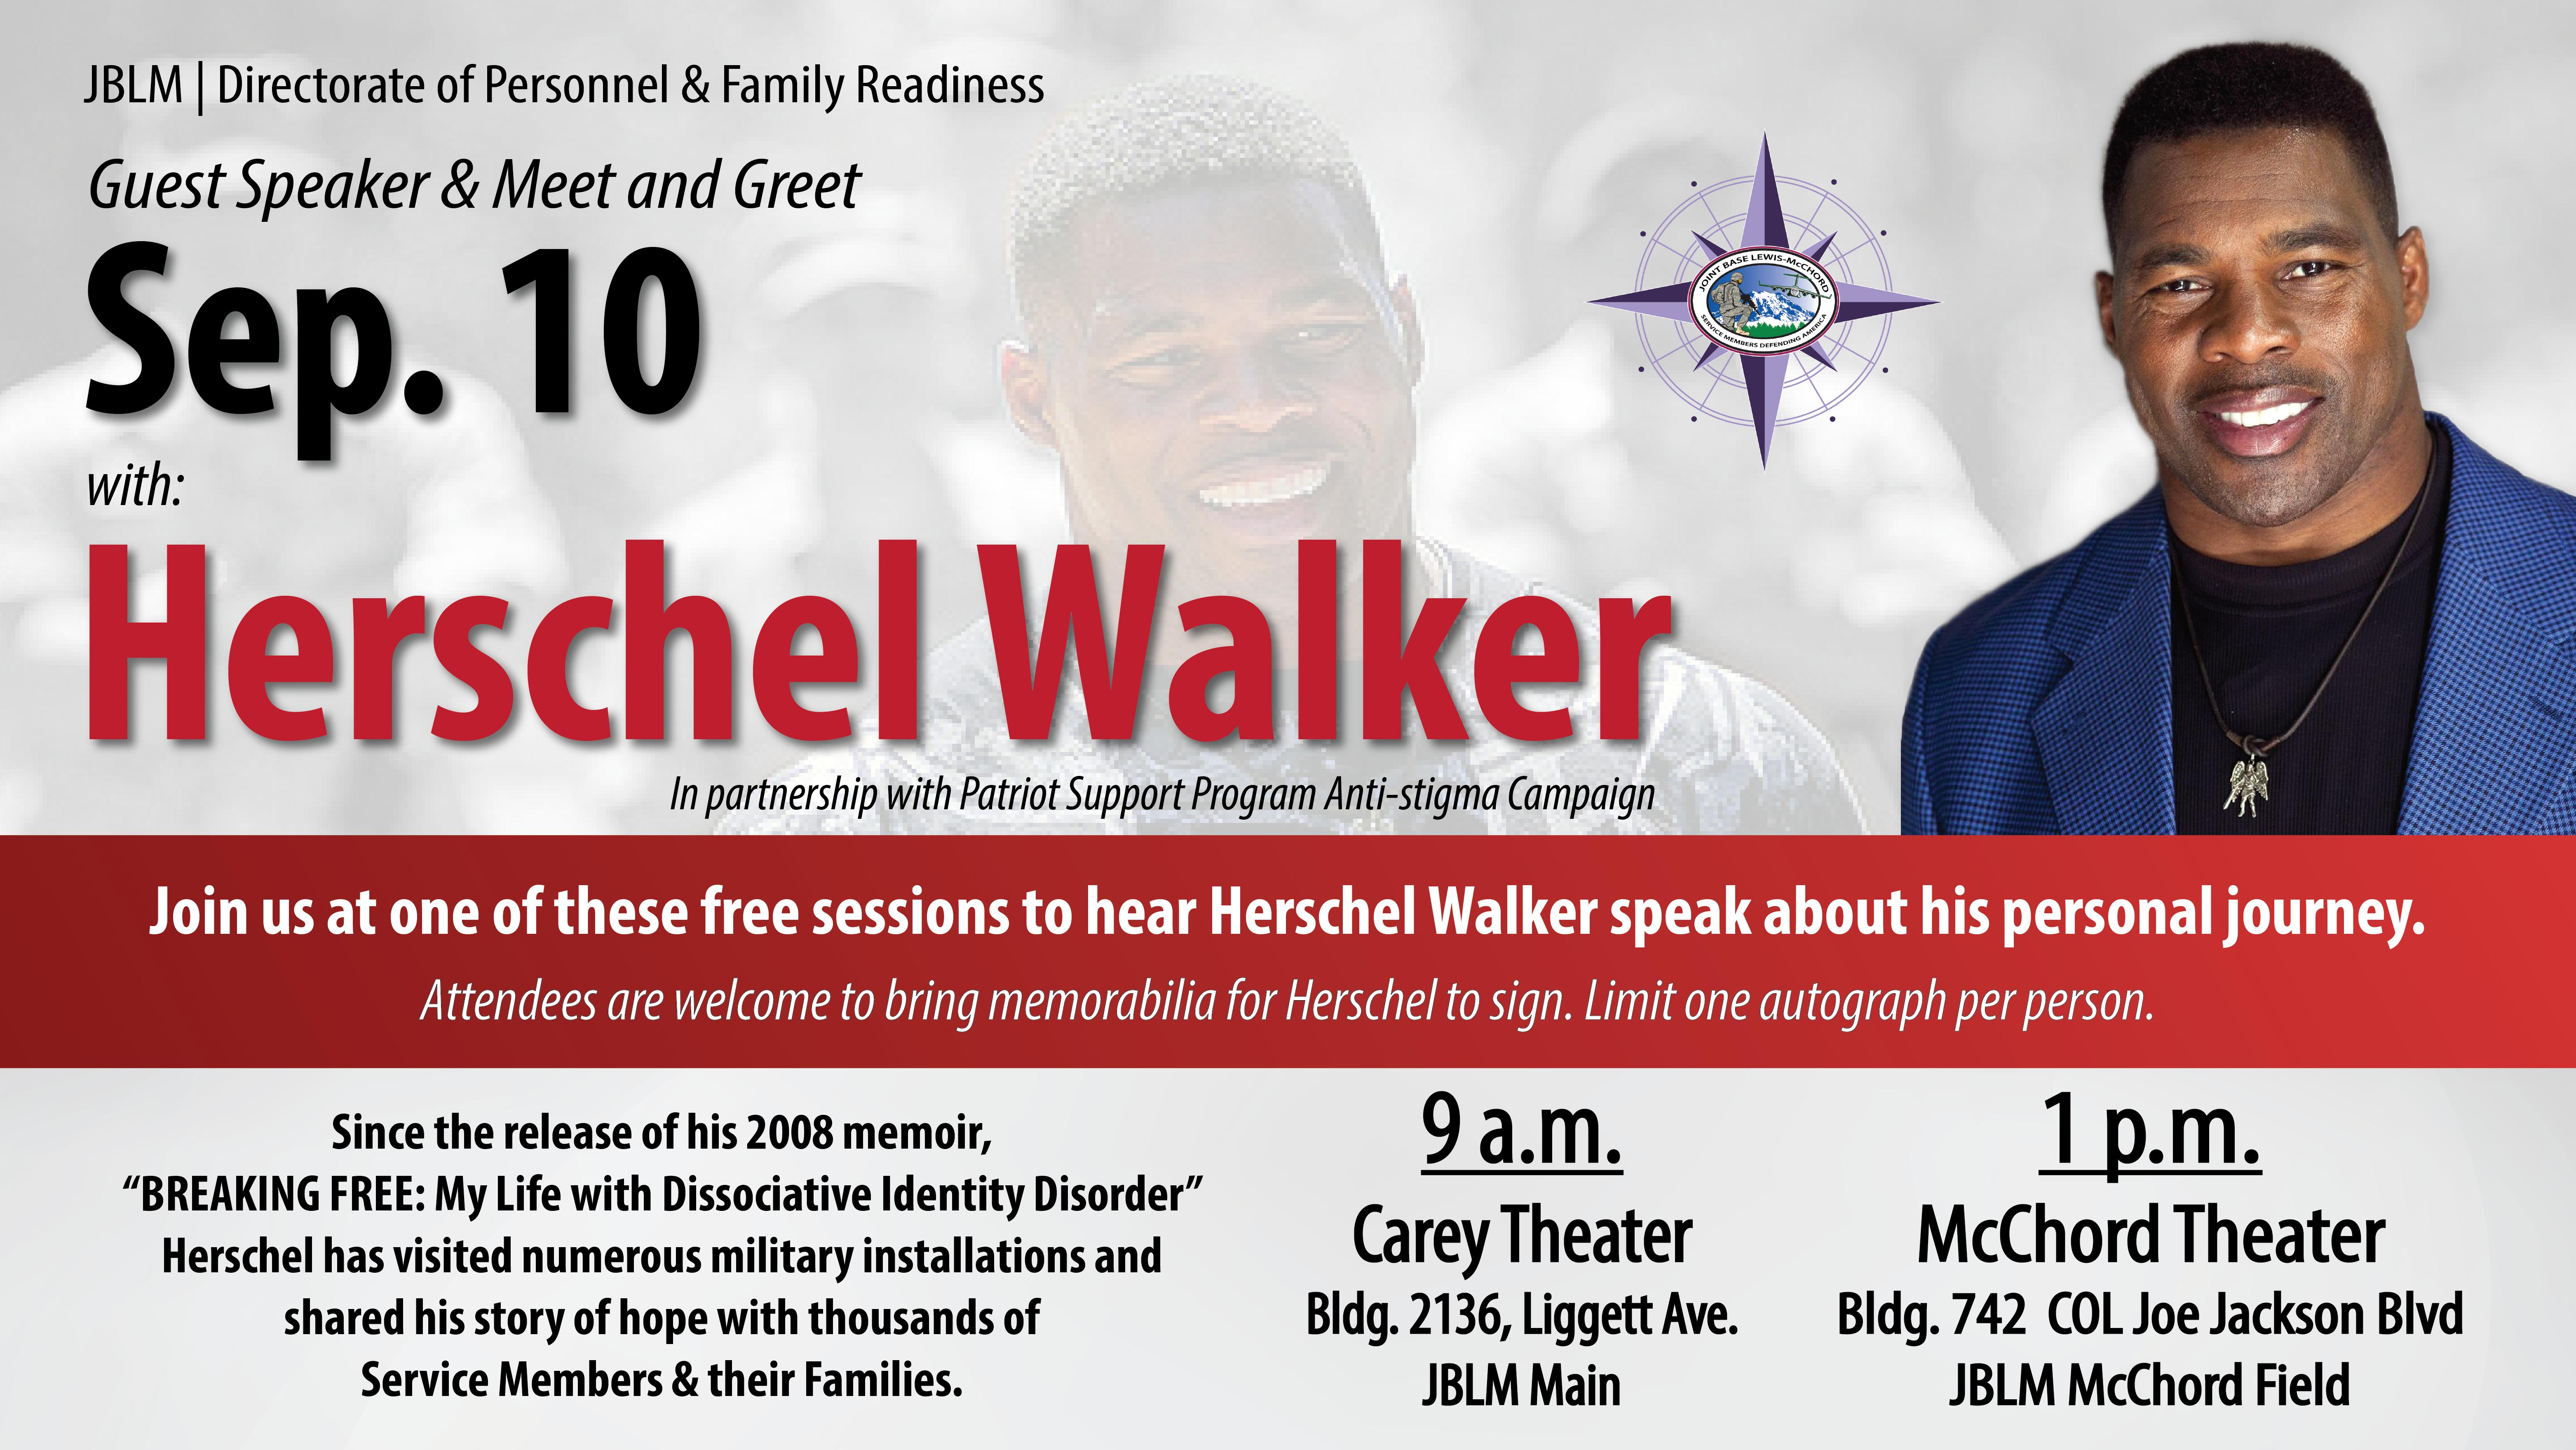 JBLM DPFR Presents: Herschel Walker